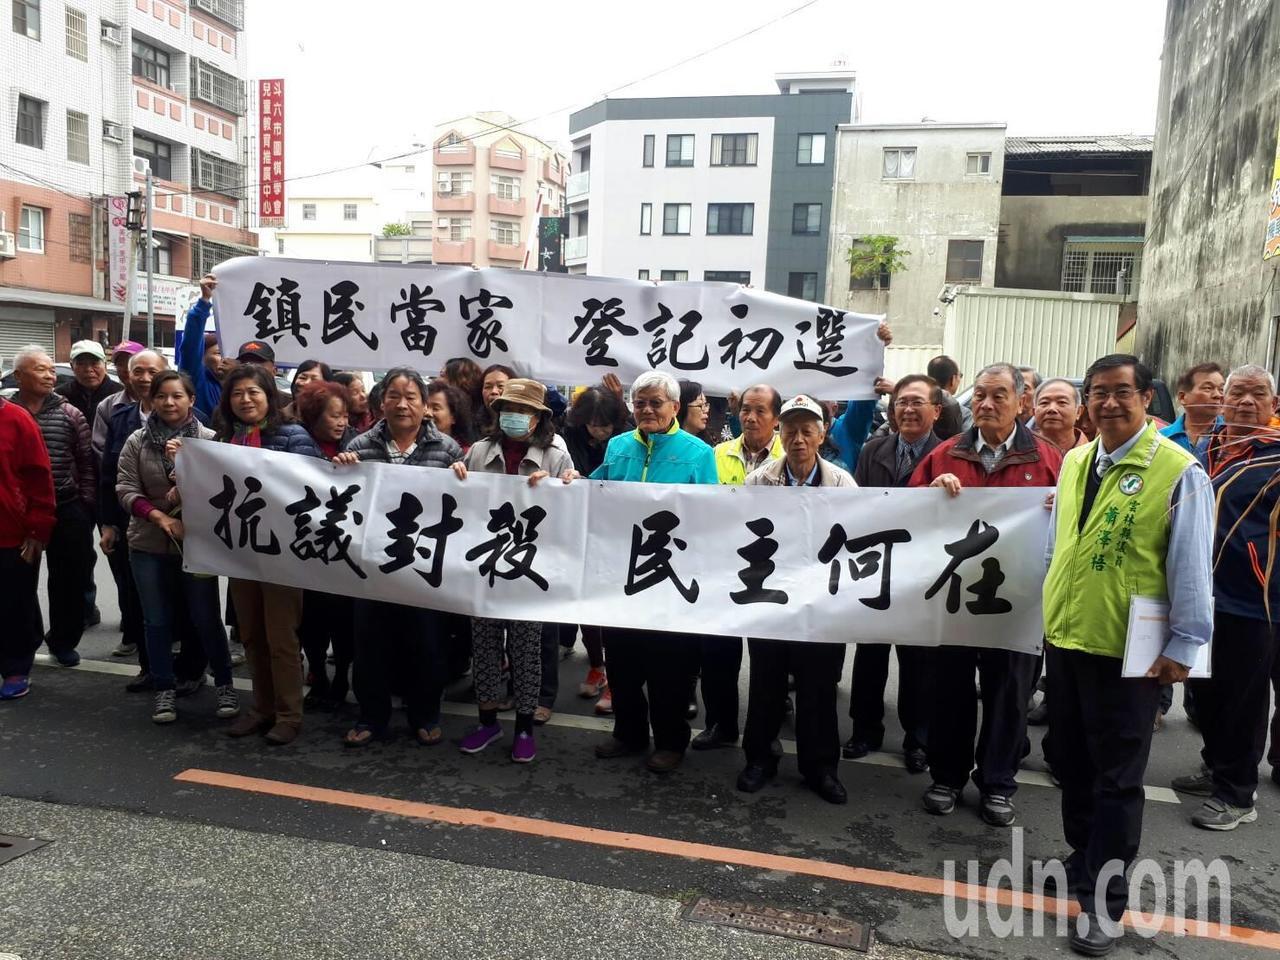 蕭的人馬在黨部前拉布條抗議黨部封殺黨員參選的意願。記者蔡維斌/攝影